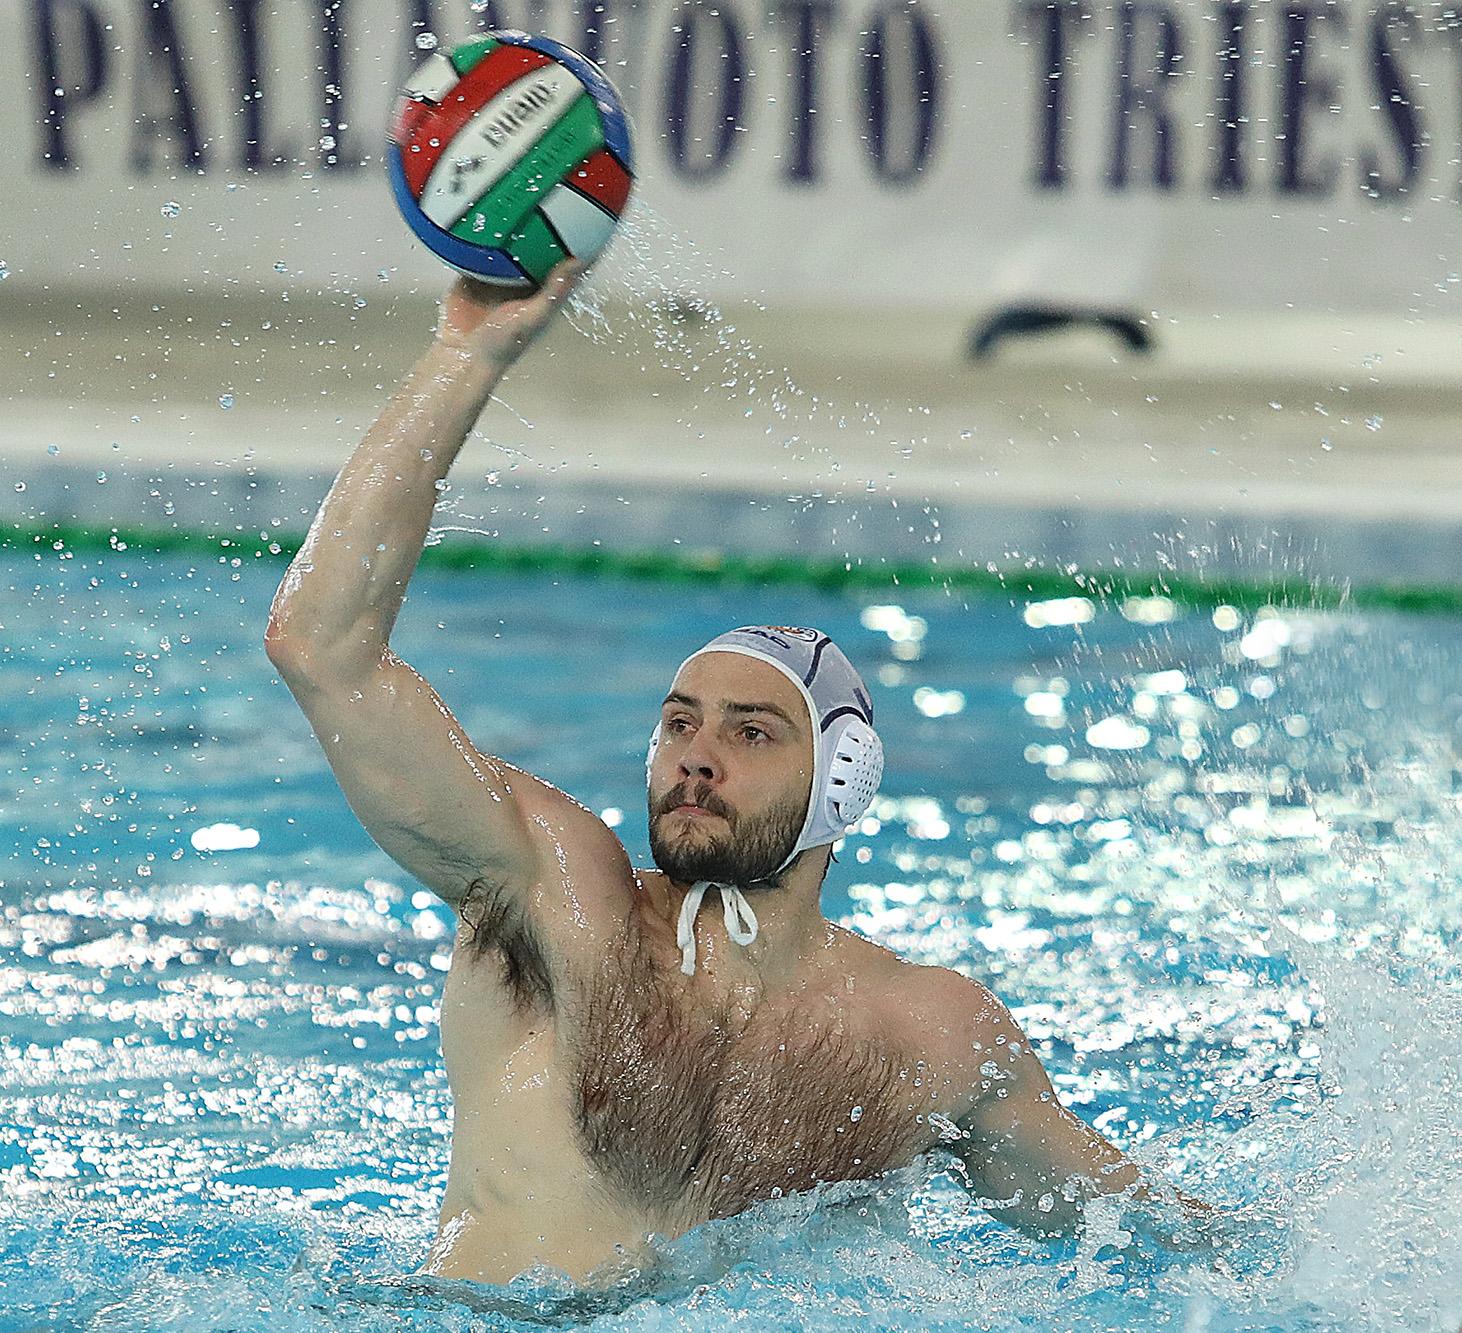 La Pallanuoto Trieste parte bene e supera l'Acquachiara (3-7) a Santa Maria Capua Vetere nella gara di esordio in campionato. Tripletta per uno scatenato Petronio, doppiette per i serbi Gogov e Vico